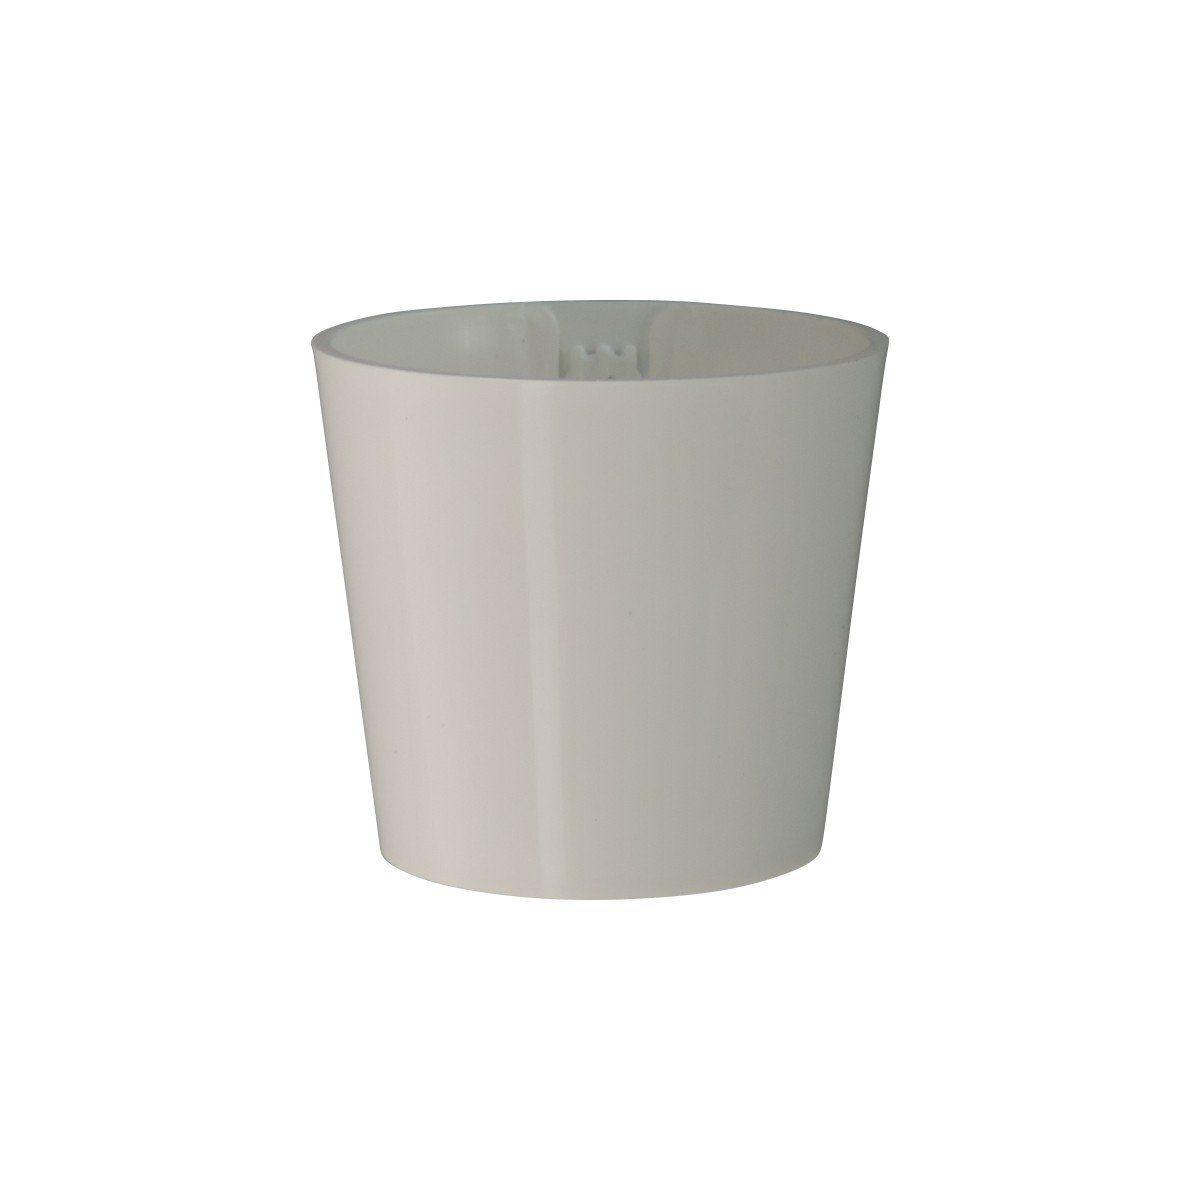 Vaso Magnético de Plástico Branco 5cm x 6cm